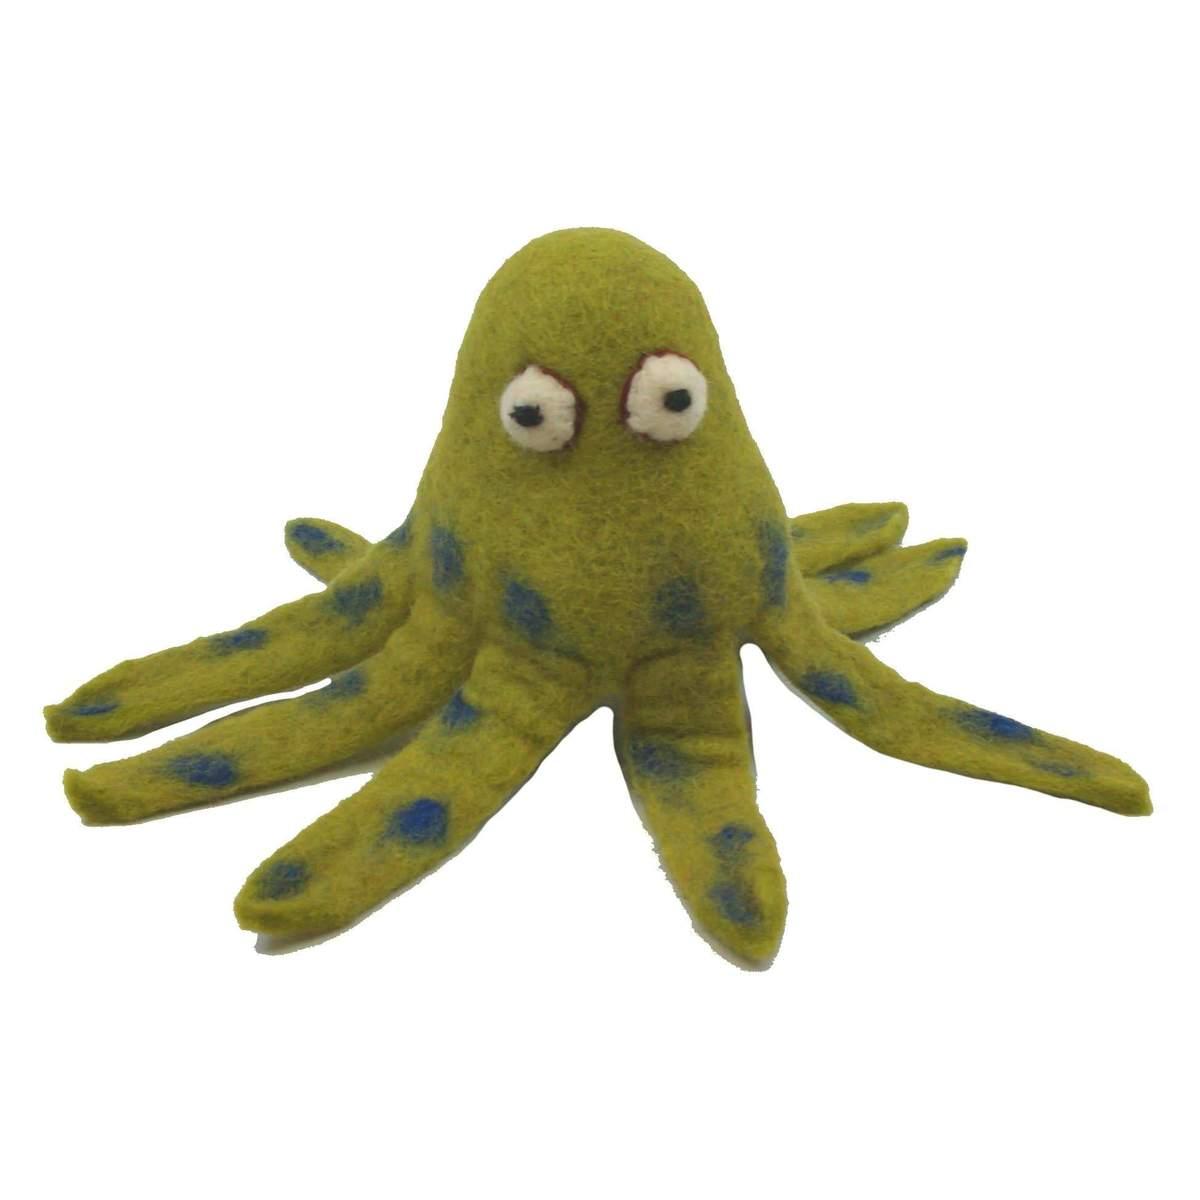 Full Size of Octopus Betten Motiv Eierwrmer Online Lokal Kaufen Ruf Fabrikverkauf Ikea 160x200 Paradies Günstig Bock Günstige Landhausstil Boxspring Außergewöhnliche Wohnzimmer Octopus Betten